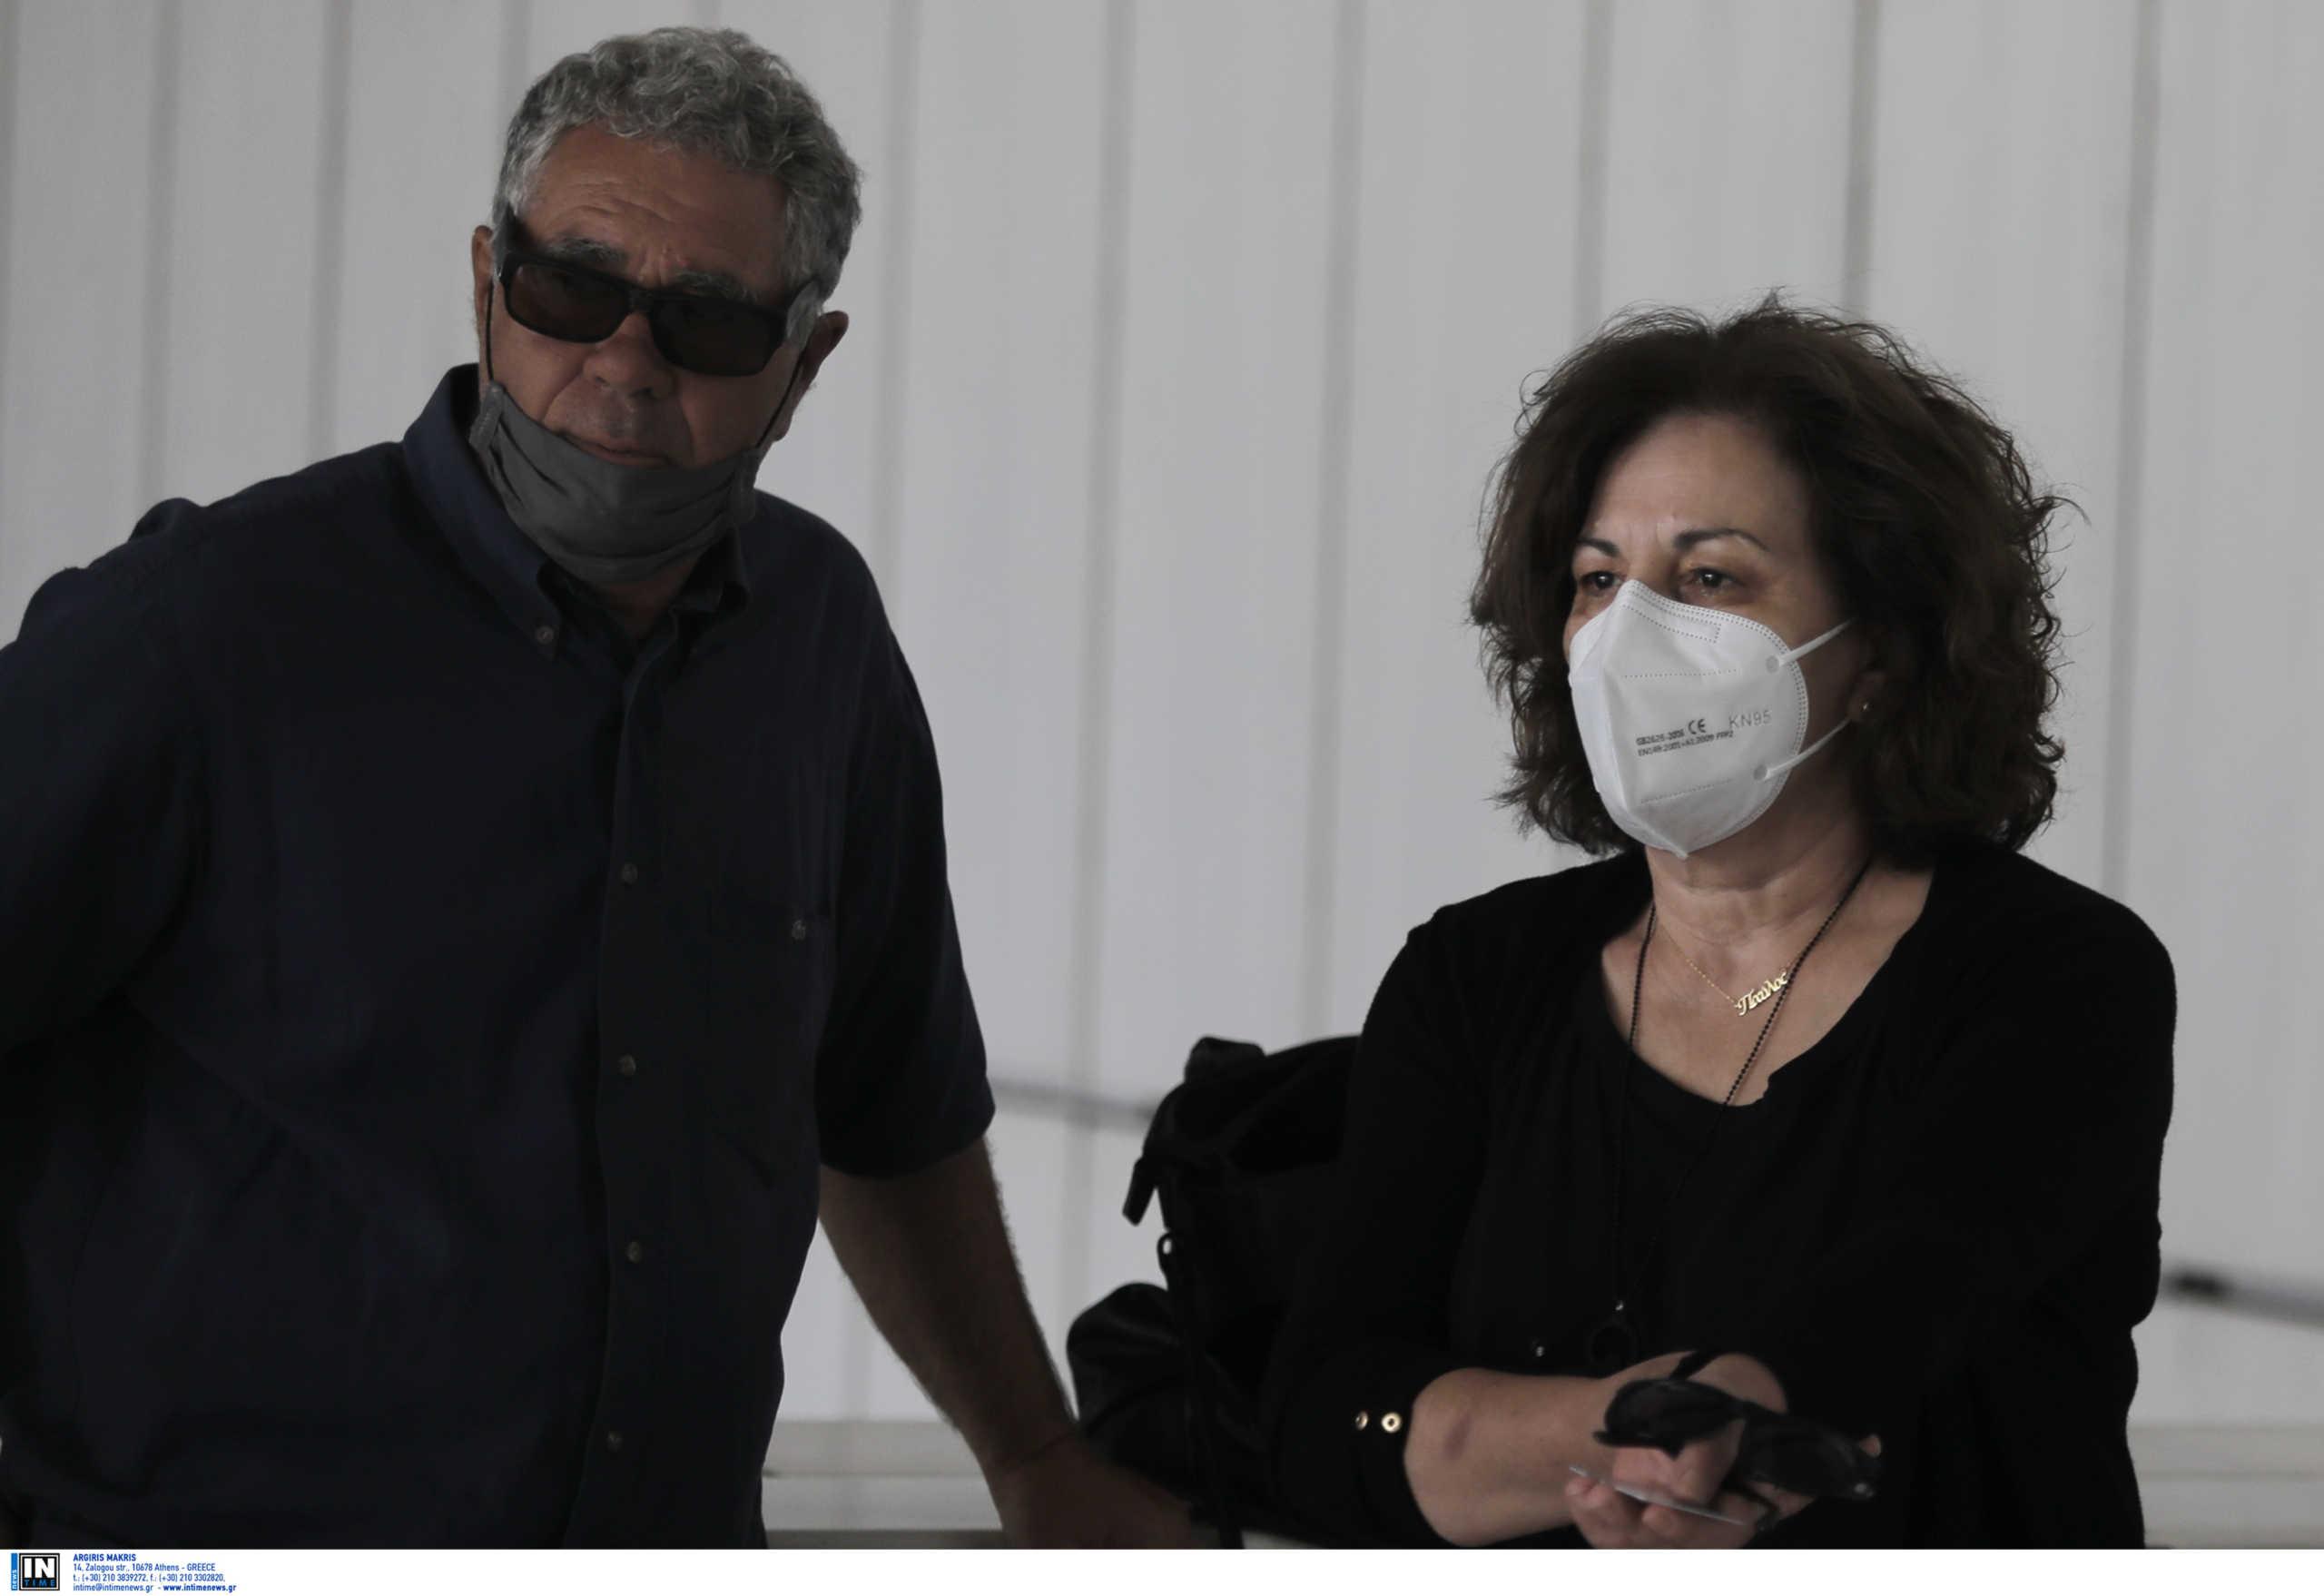 Δικηγόροι οικογένειας Φύσσα: Να αφεθούν άμεσα ελεύθεροι οι Παπαδάκης και Καμπαγιάννης